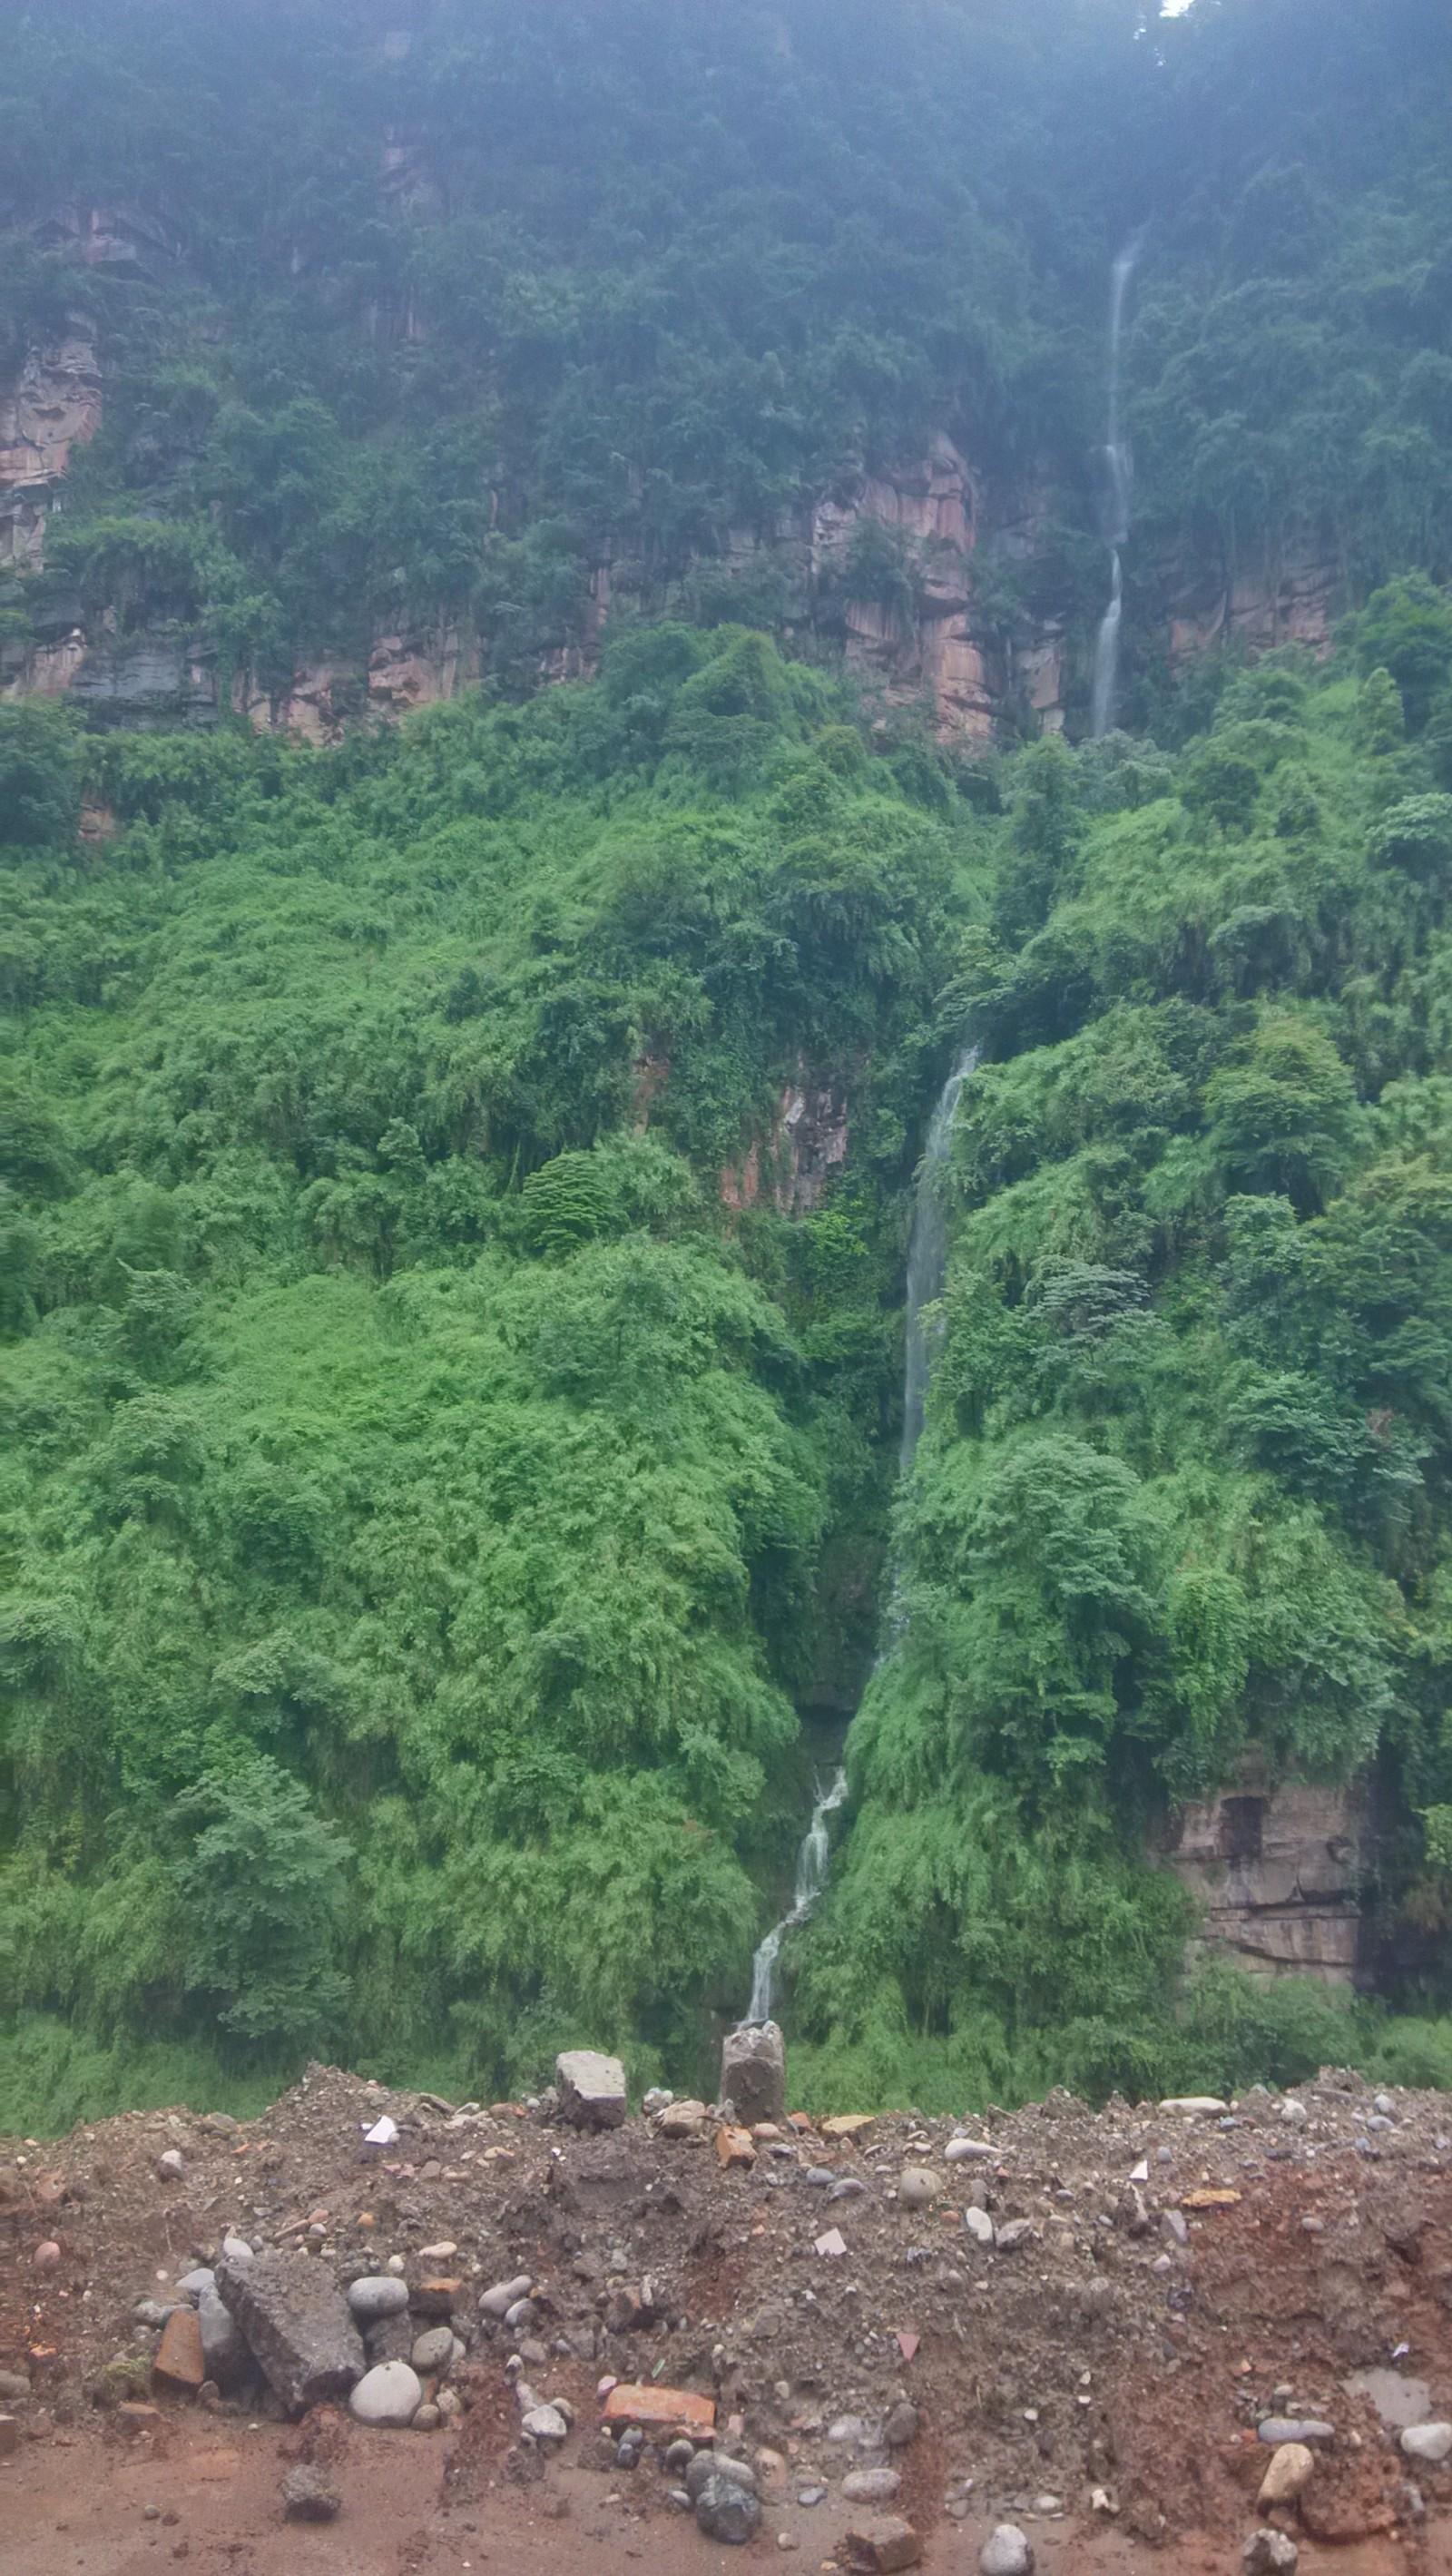 山上也有水流下来的哈,挺有意思的,瀑布一样